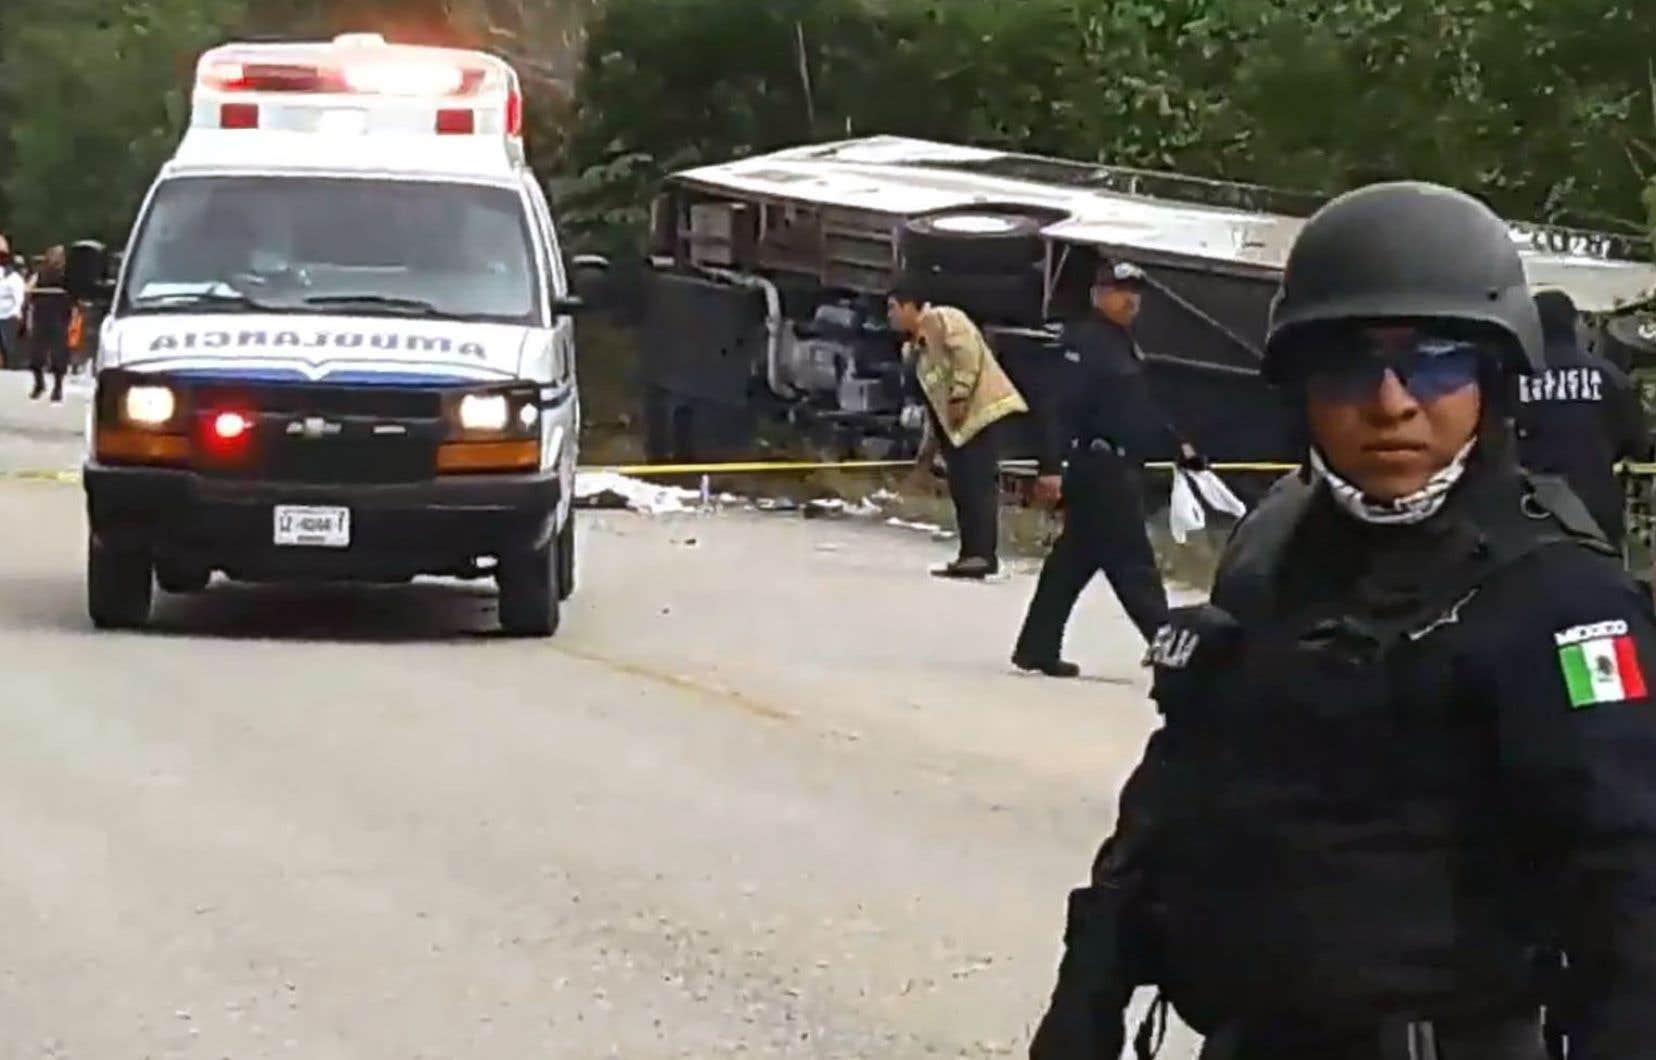 L'accident s'est produit aux abords de la localité de El Mahahual, située à 350 km au sud de la cité balnéaire de Cancún.